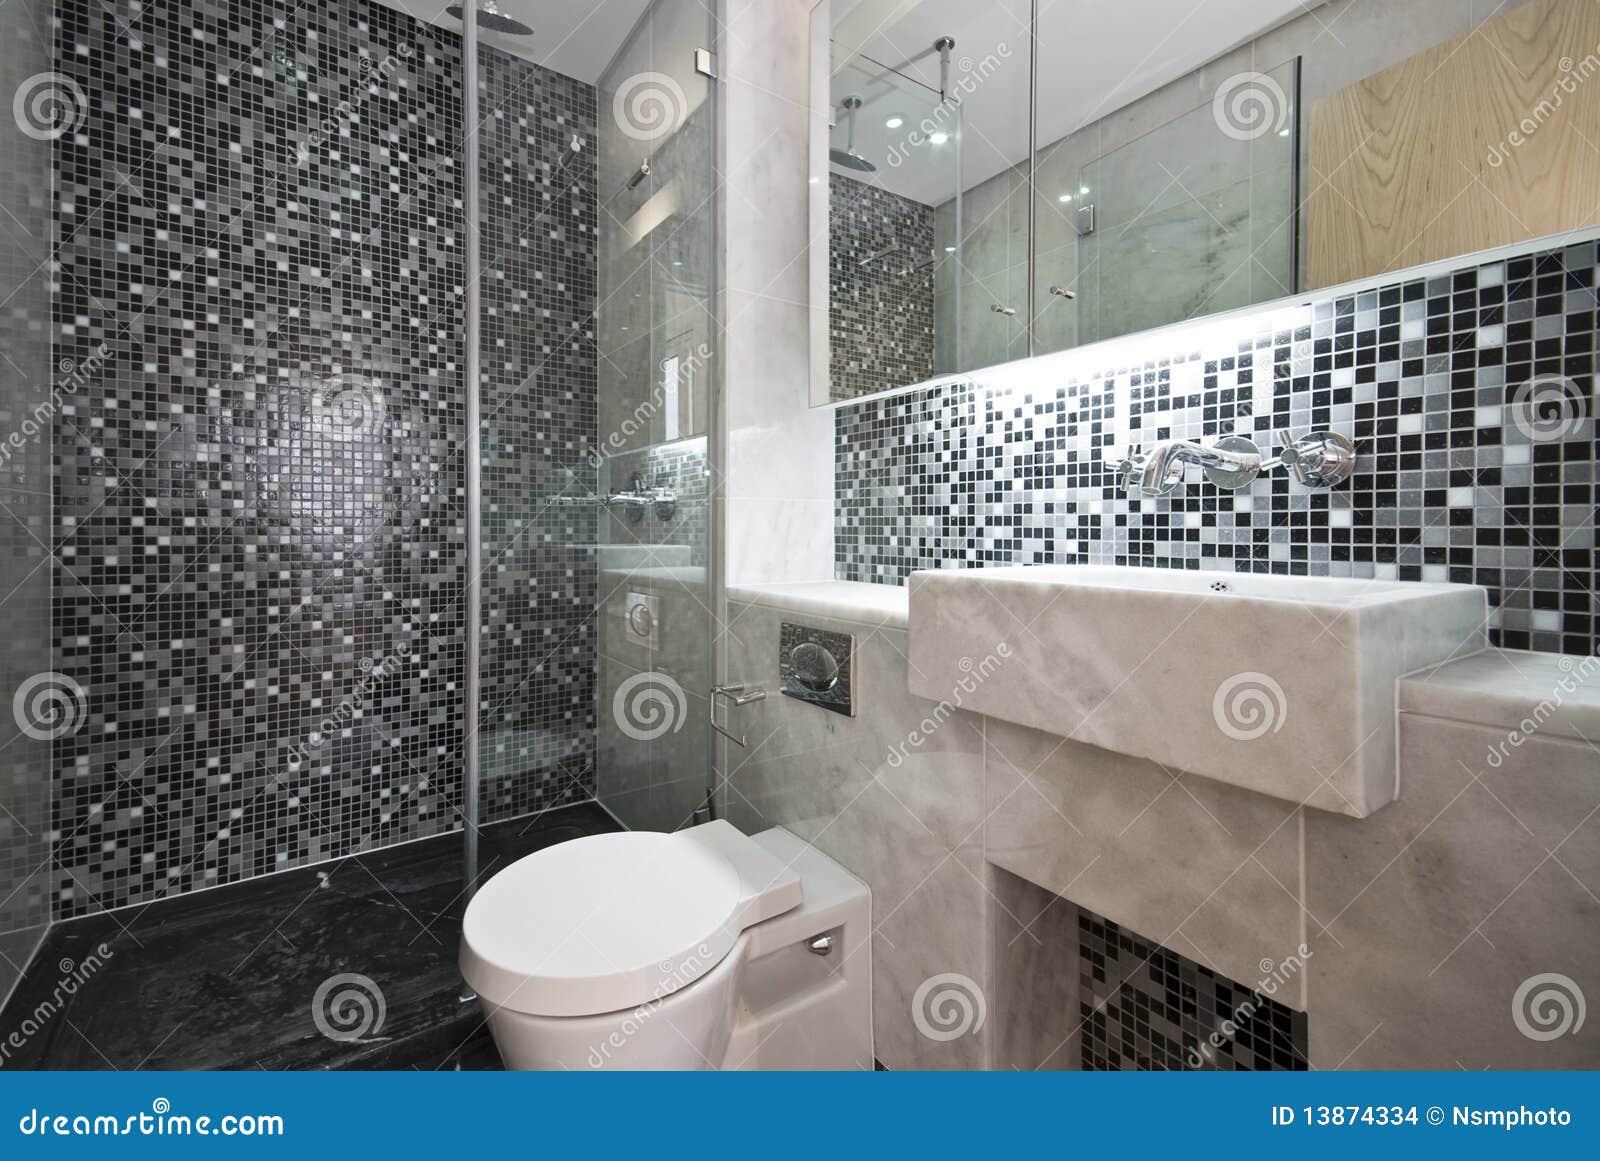 banheiro moderno em preto e branco com mosaico telhou paredes e a  #746657 1300x960 Banheiro Branco Preto E Cinza